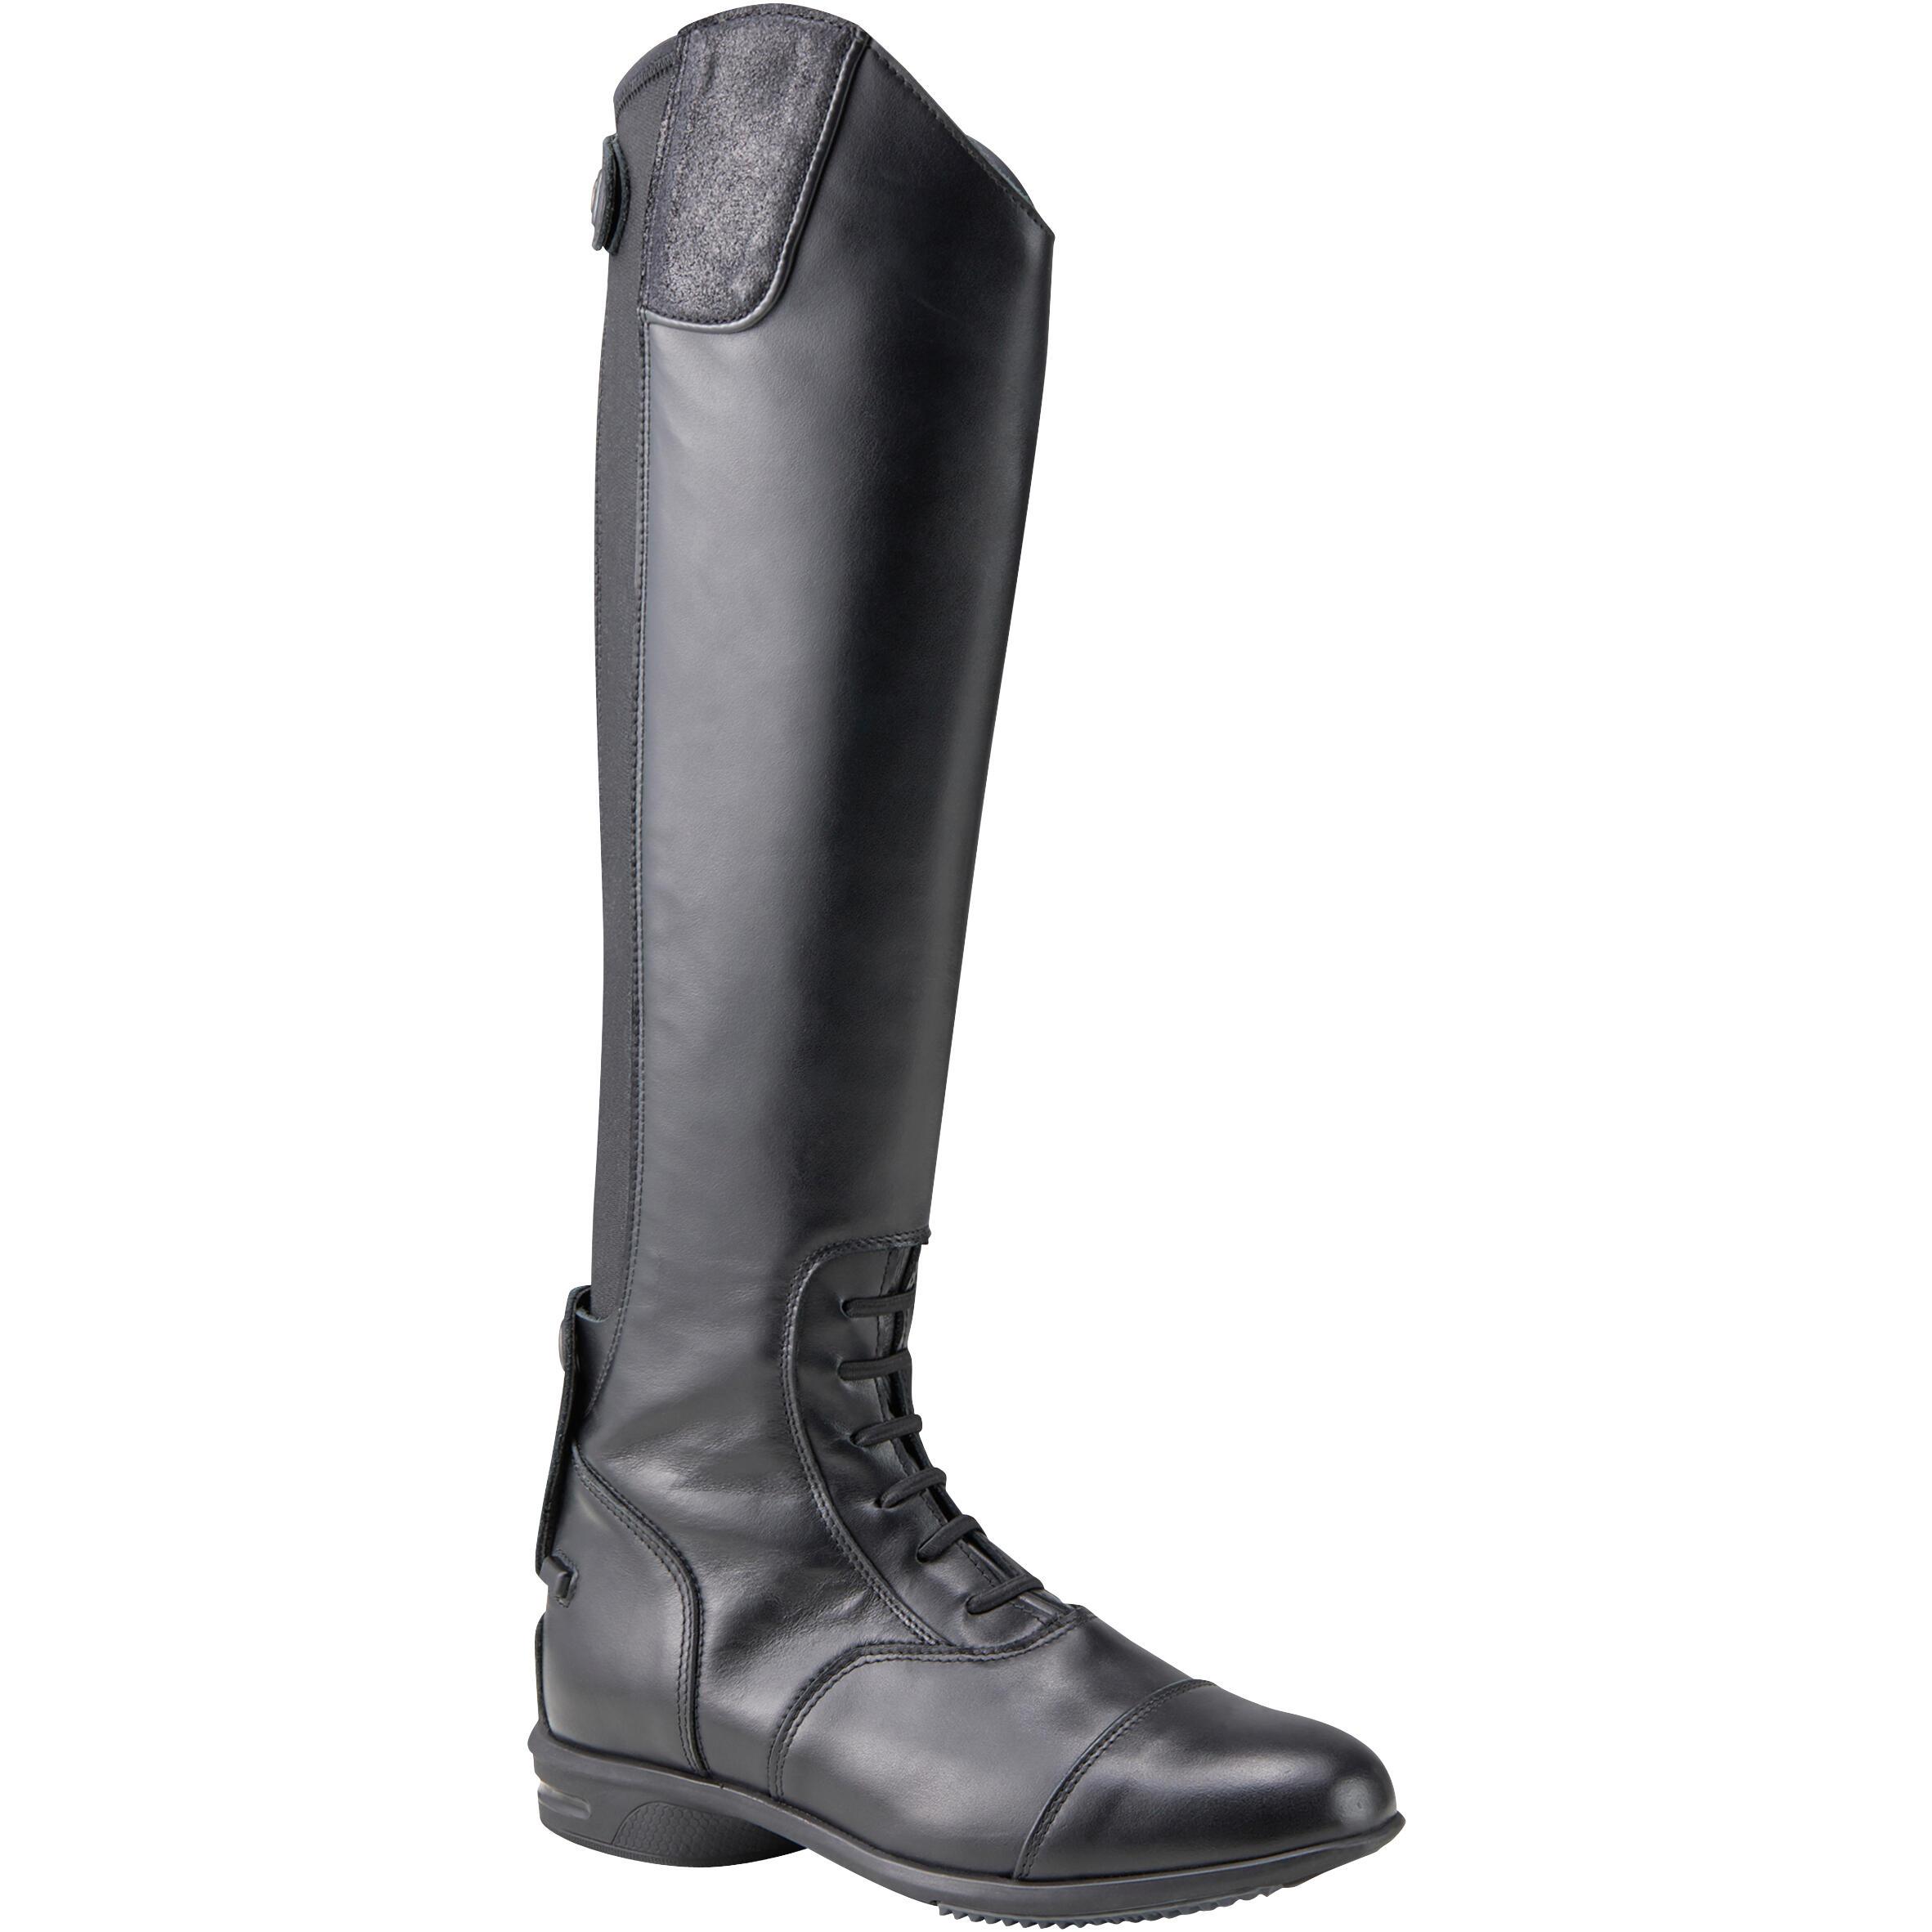 Reitstiefel LB 900 Leder Erwachsene schwarz | Schuhe > Sportschuhe > Reitstiefel | Schwarz | Leder | Fouganza